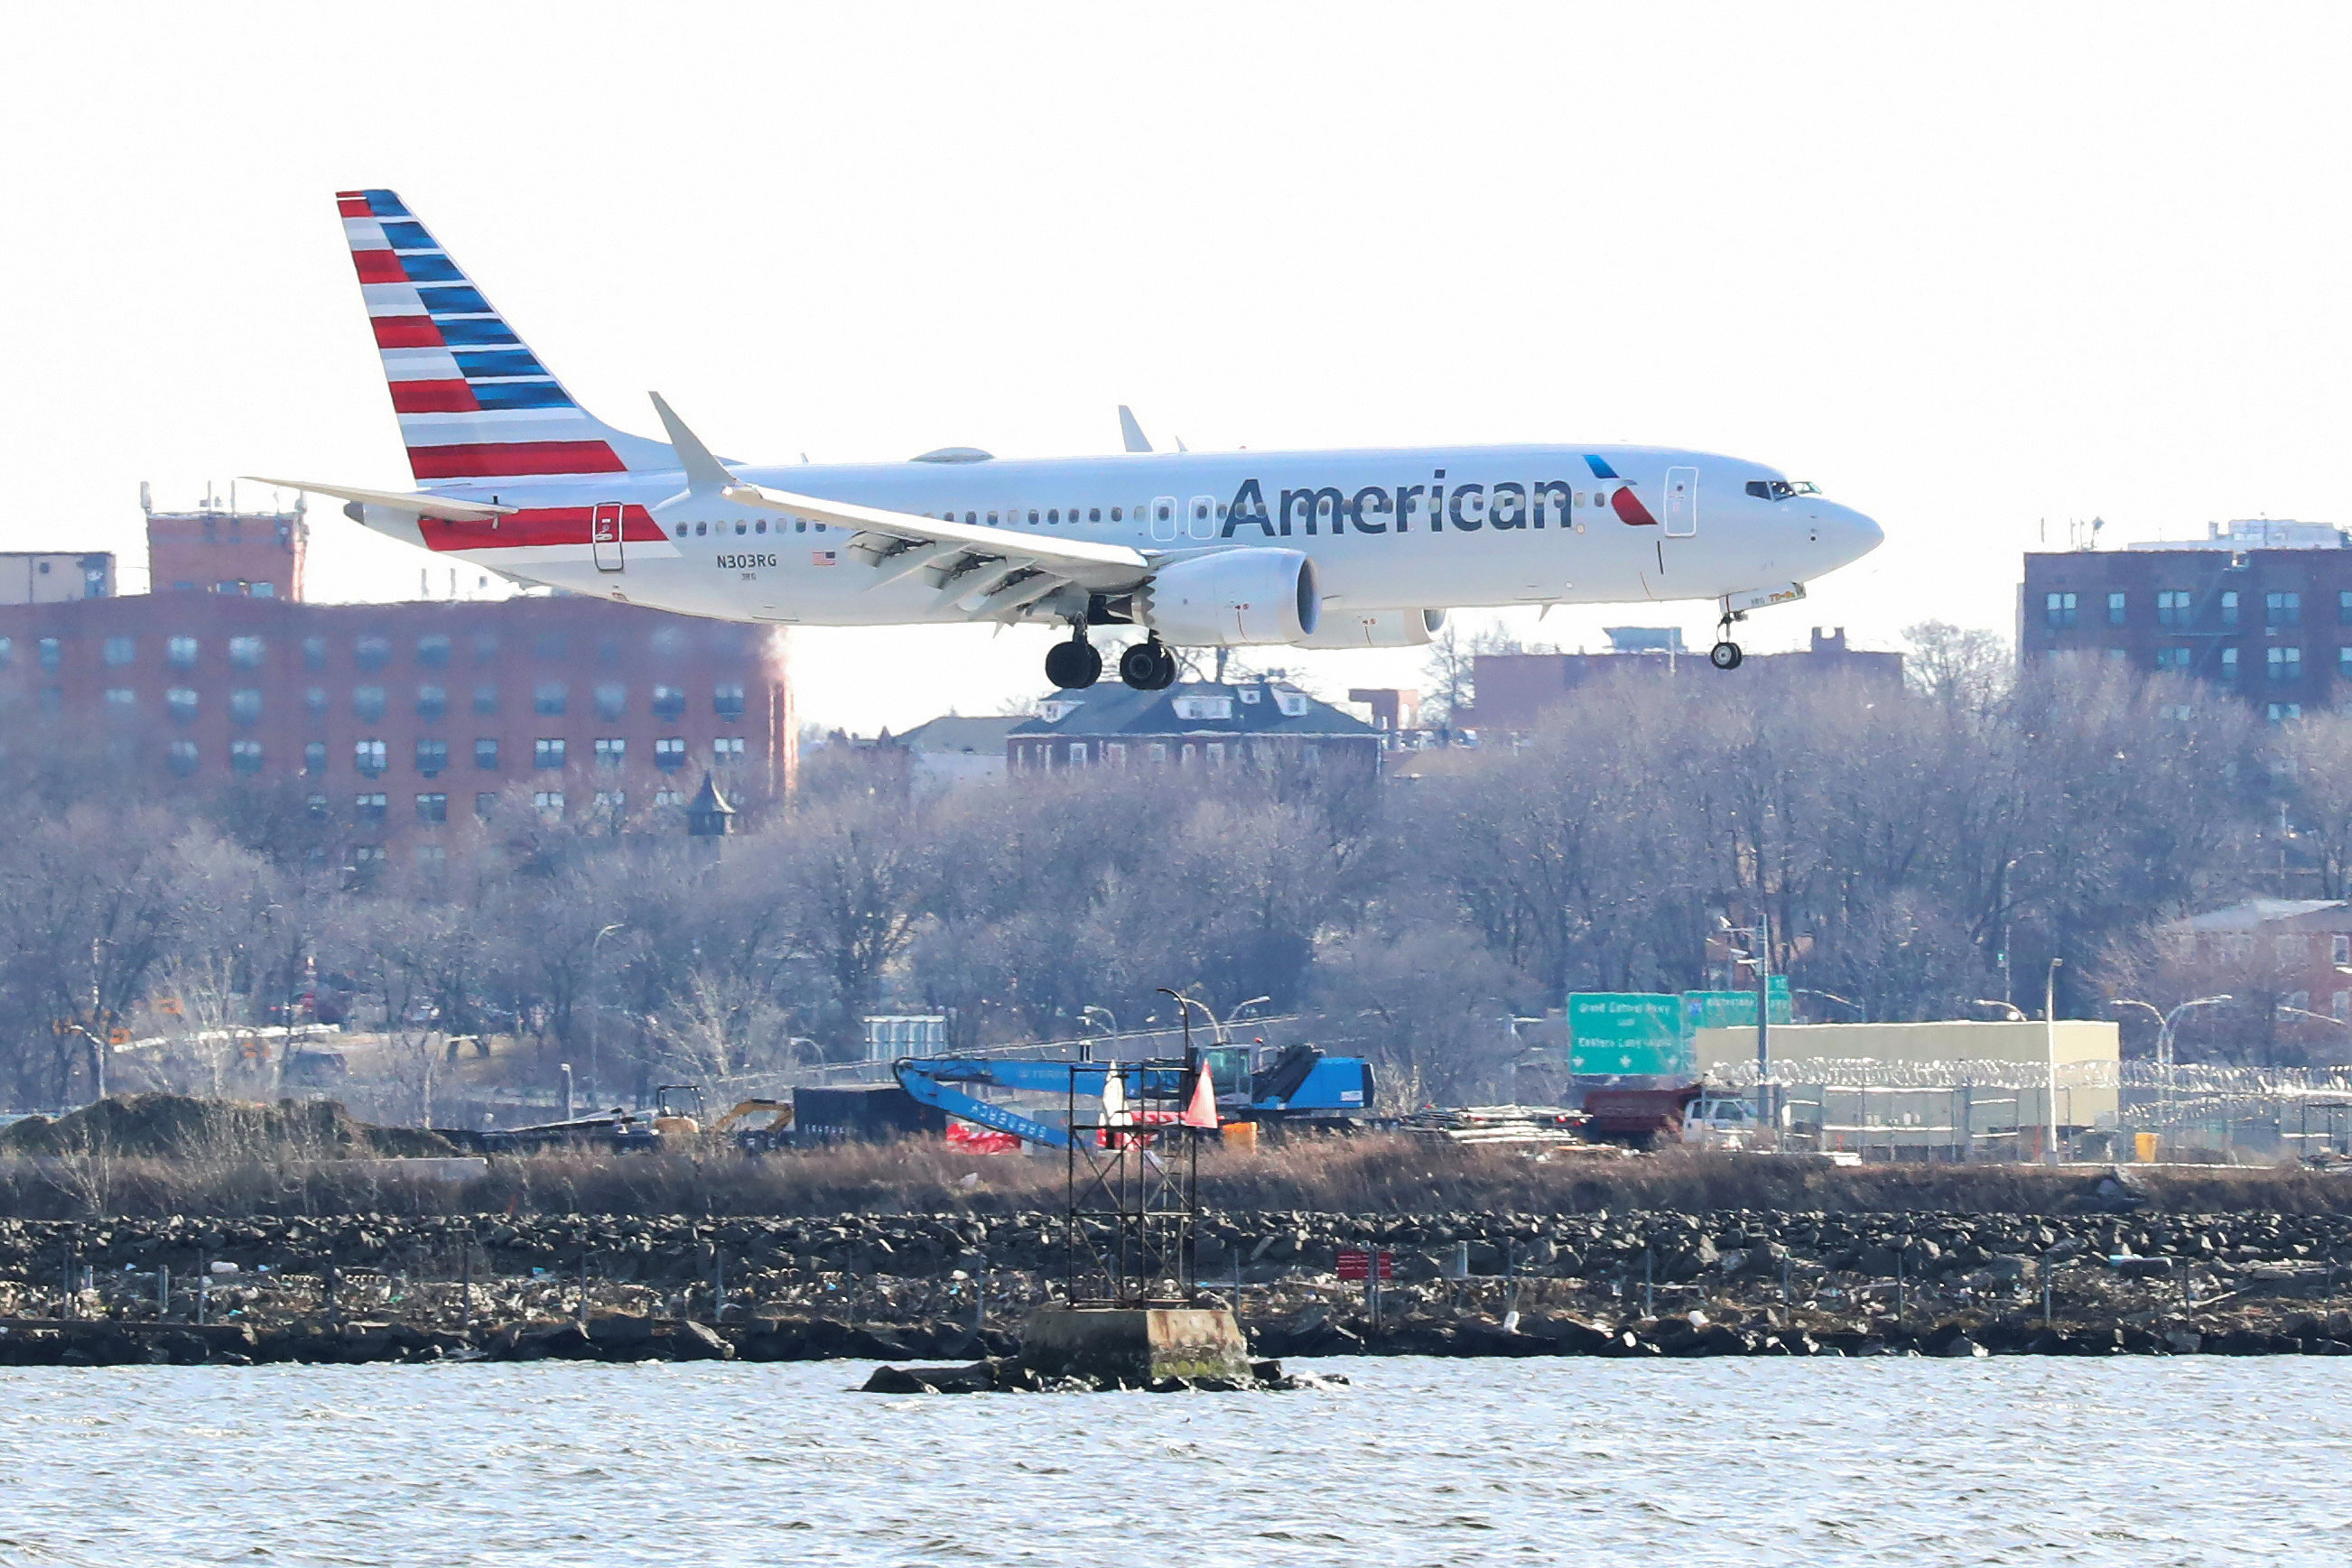 Un Boeing 737 Max 8 de American Airlines (Foto: REUTERS/Shannon Stapleton)